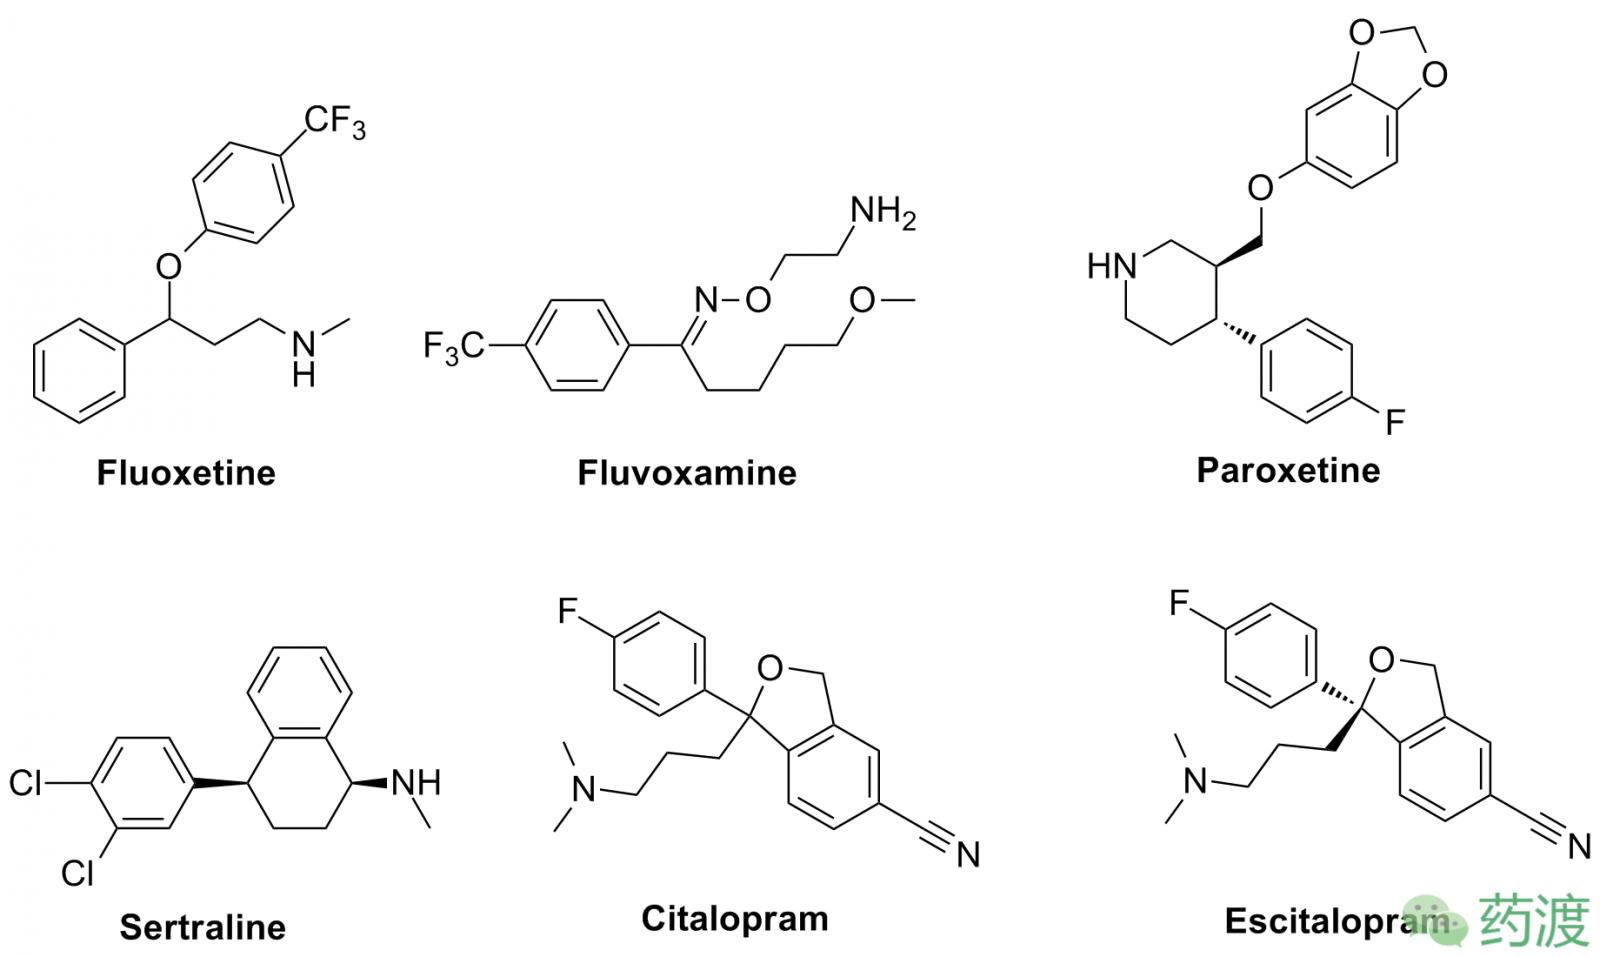 部分SSRIs药物结构